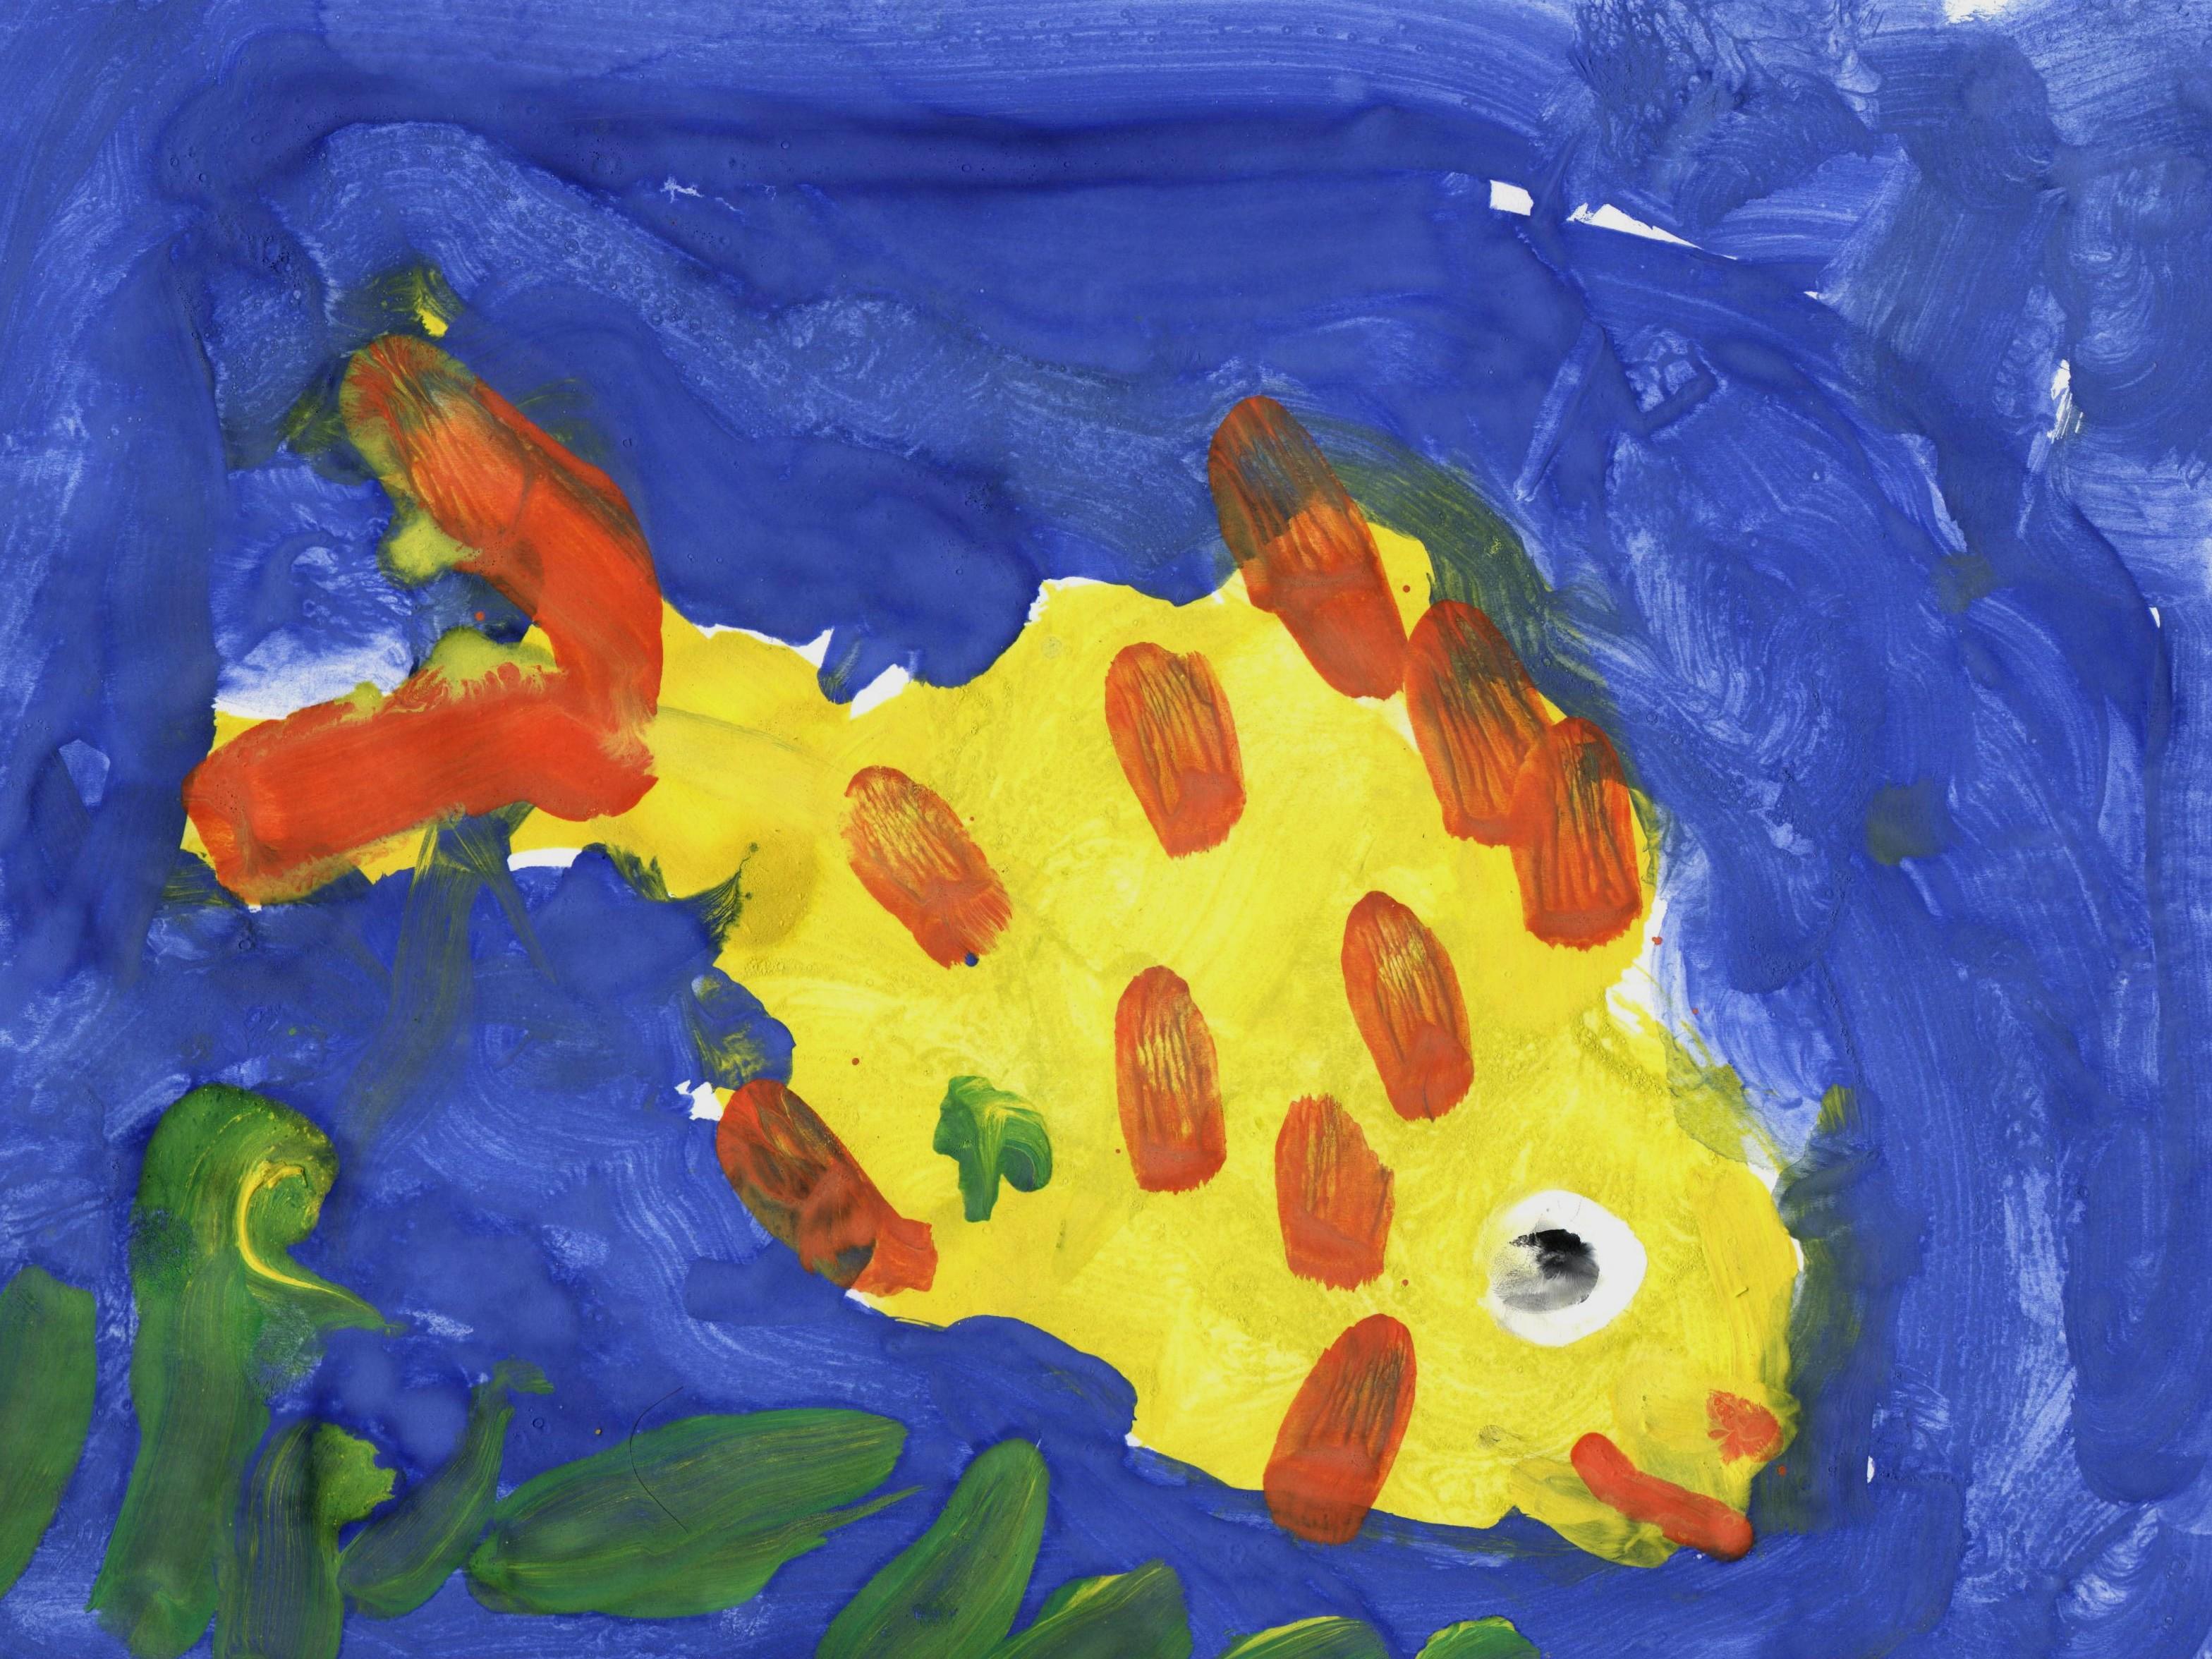 счастью, картинка рыбка средняя группа металлочерепица